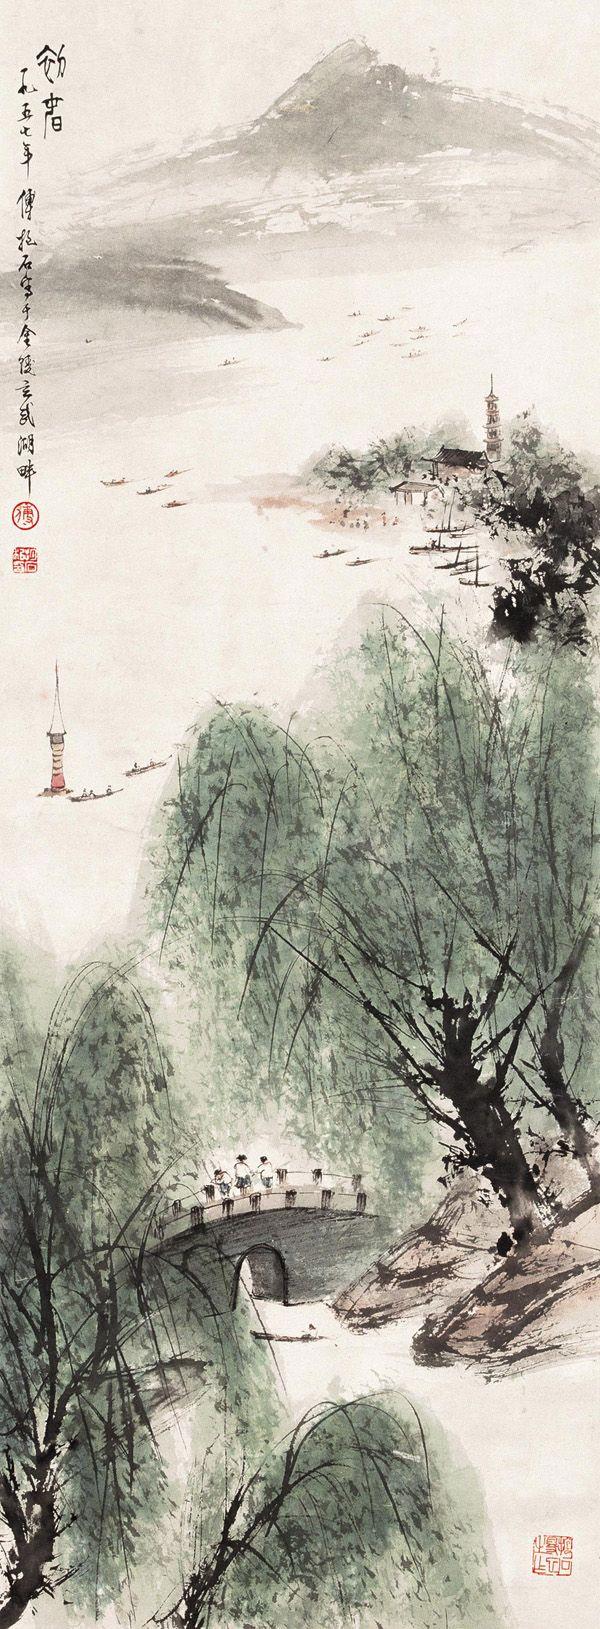 Fu Baoshi Paintings   Chinese Art Gallery   China Online Museum